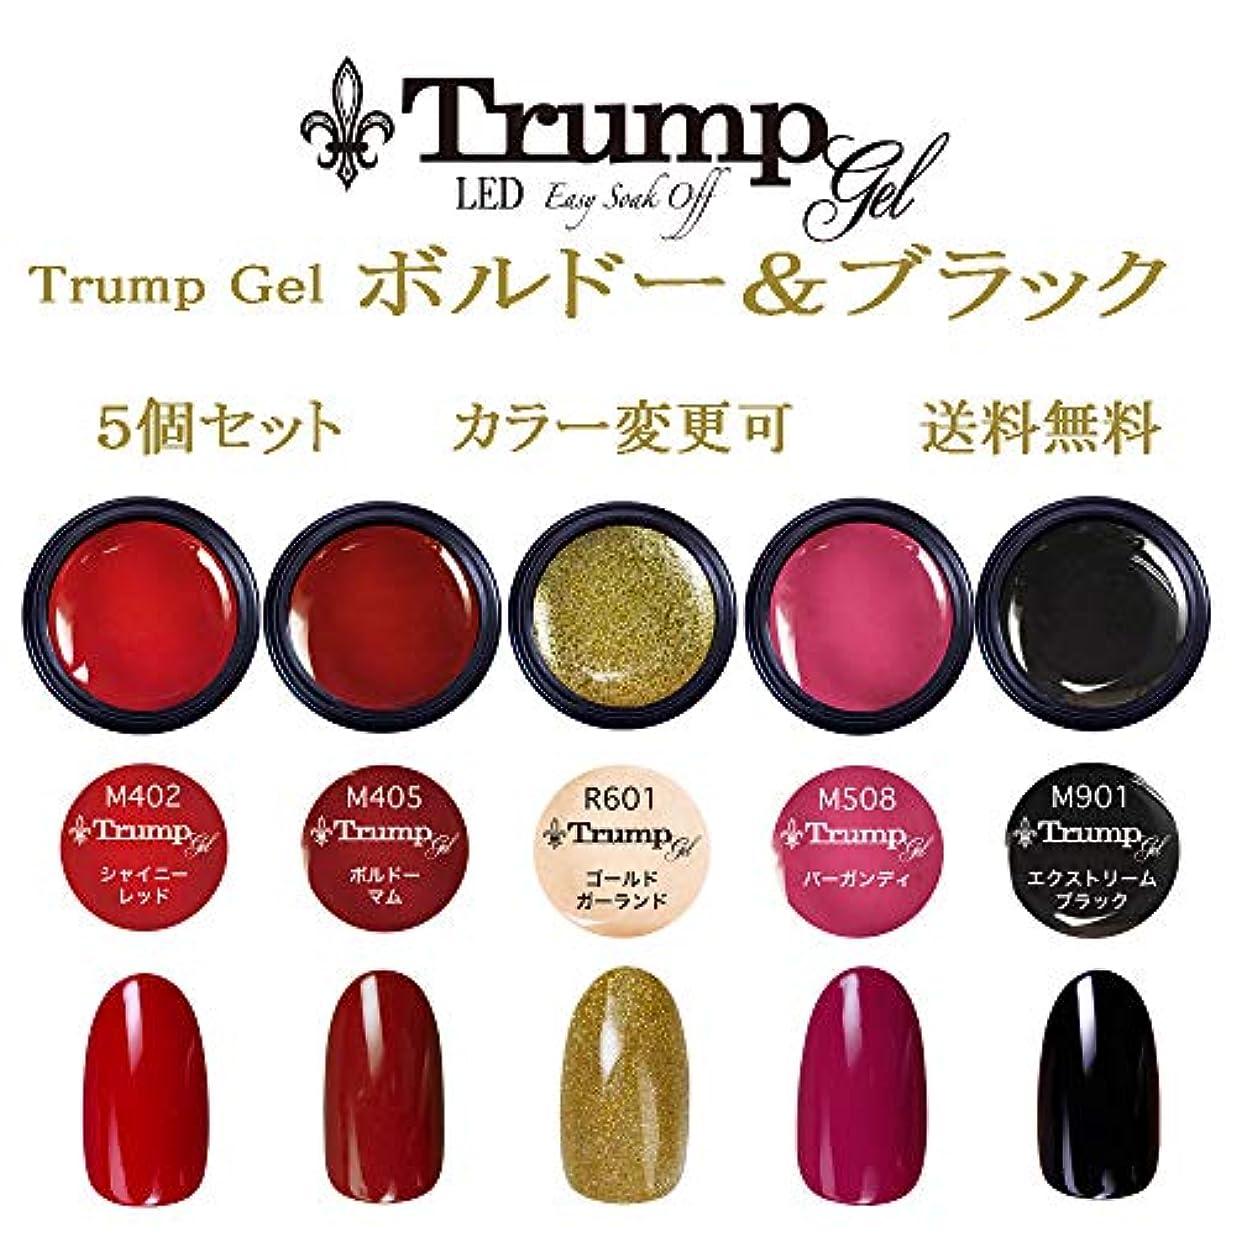 正気まどろみのあるセント日本製 Trump gel トランプジェル ボルドー & ブラック ネイル 選べる カラージェル 5個セット ワイン ボルドー ゴールド パープル ブラック